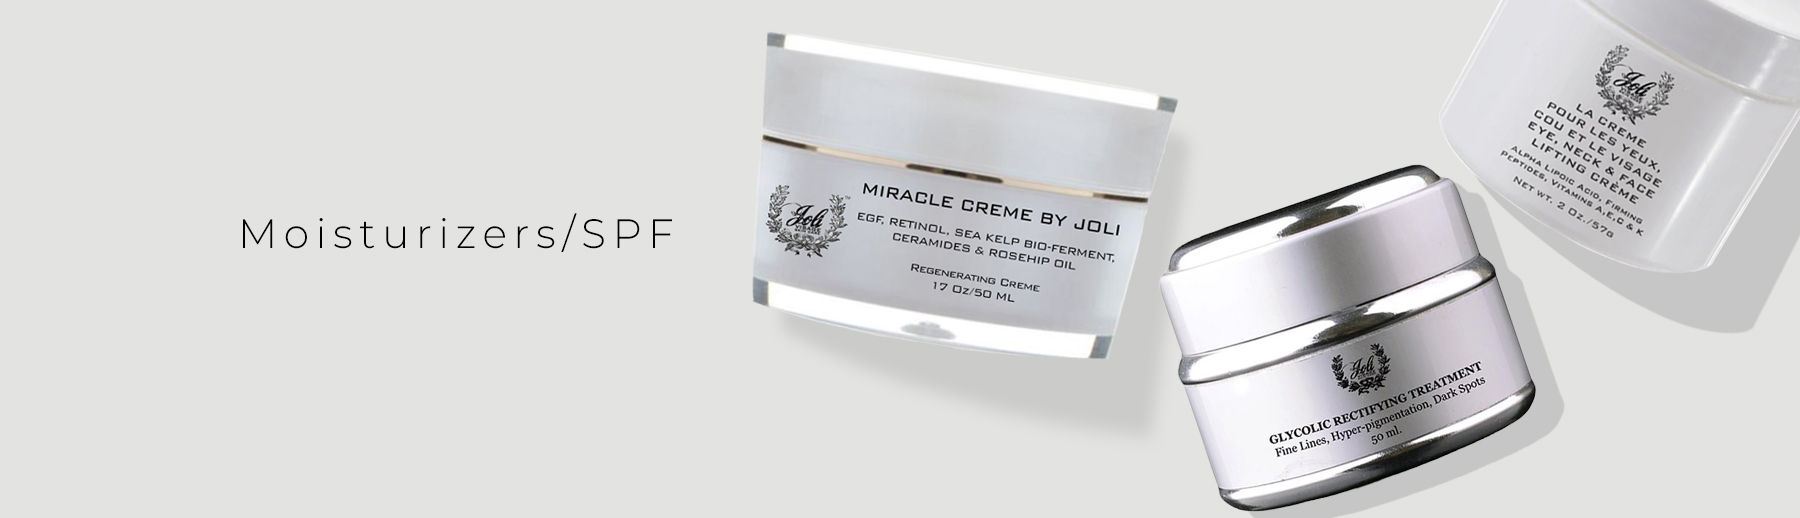 moisturizersspf-banner.jpg